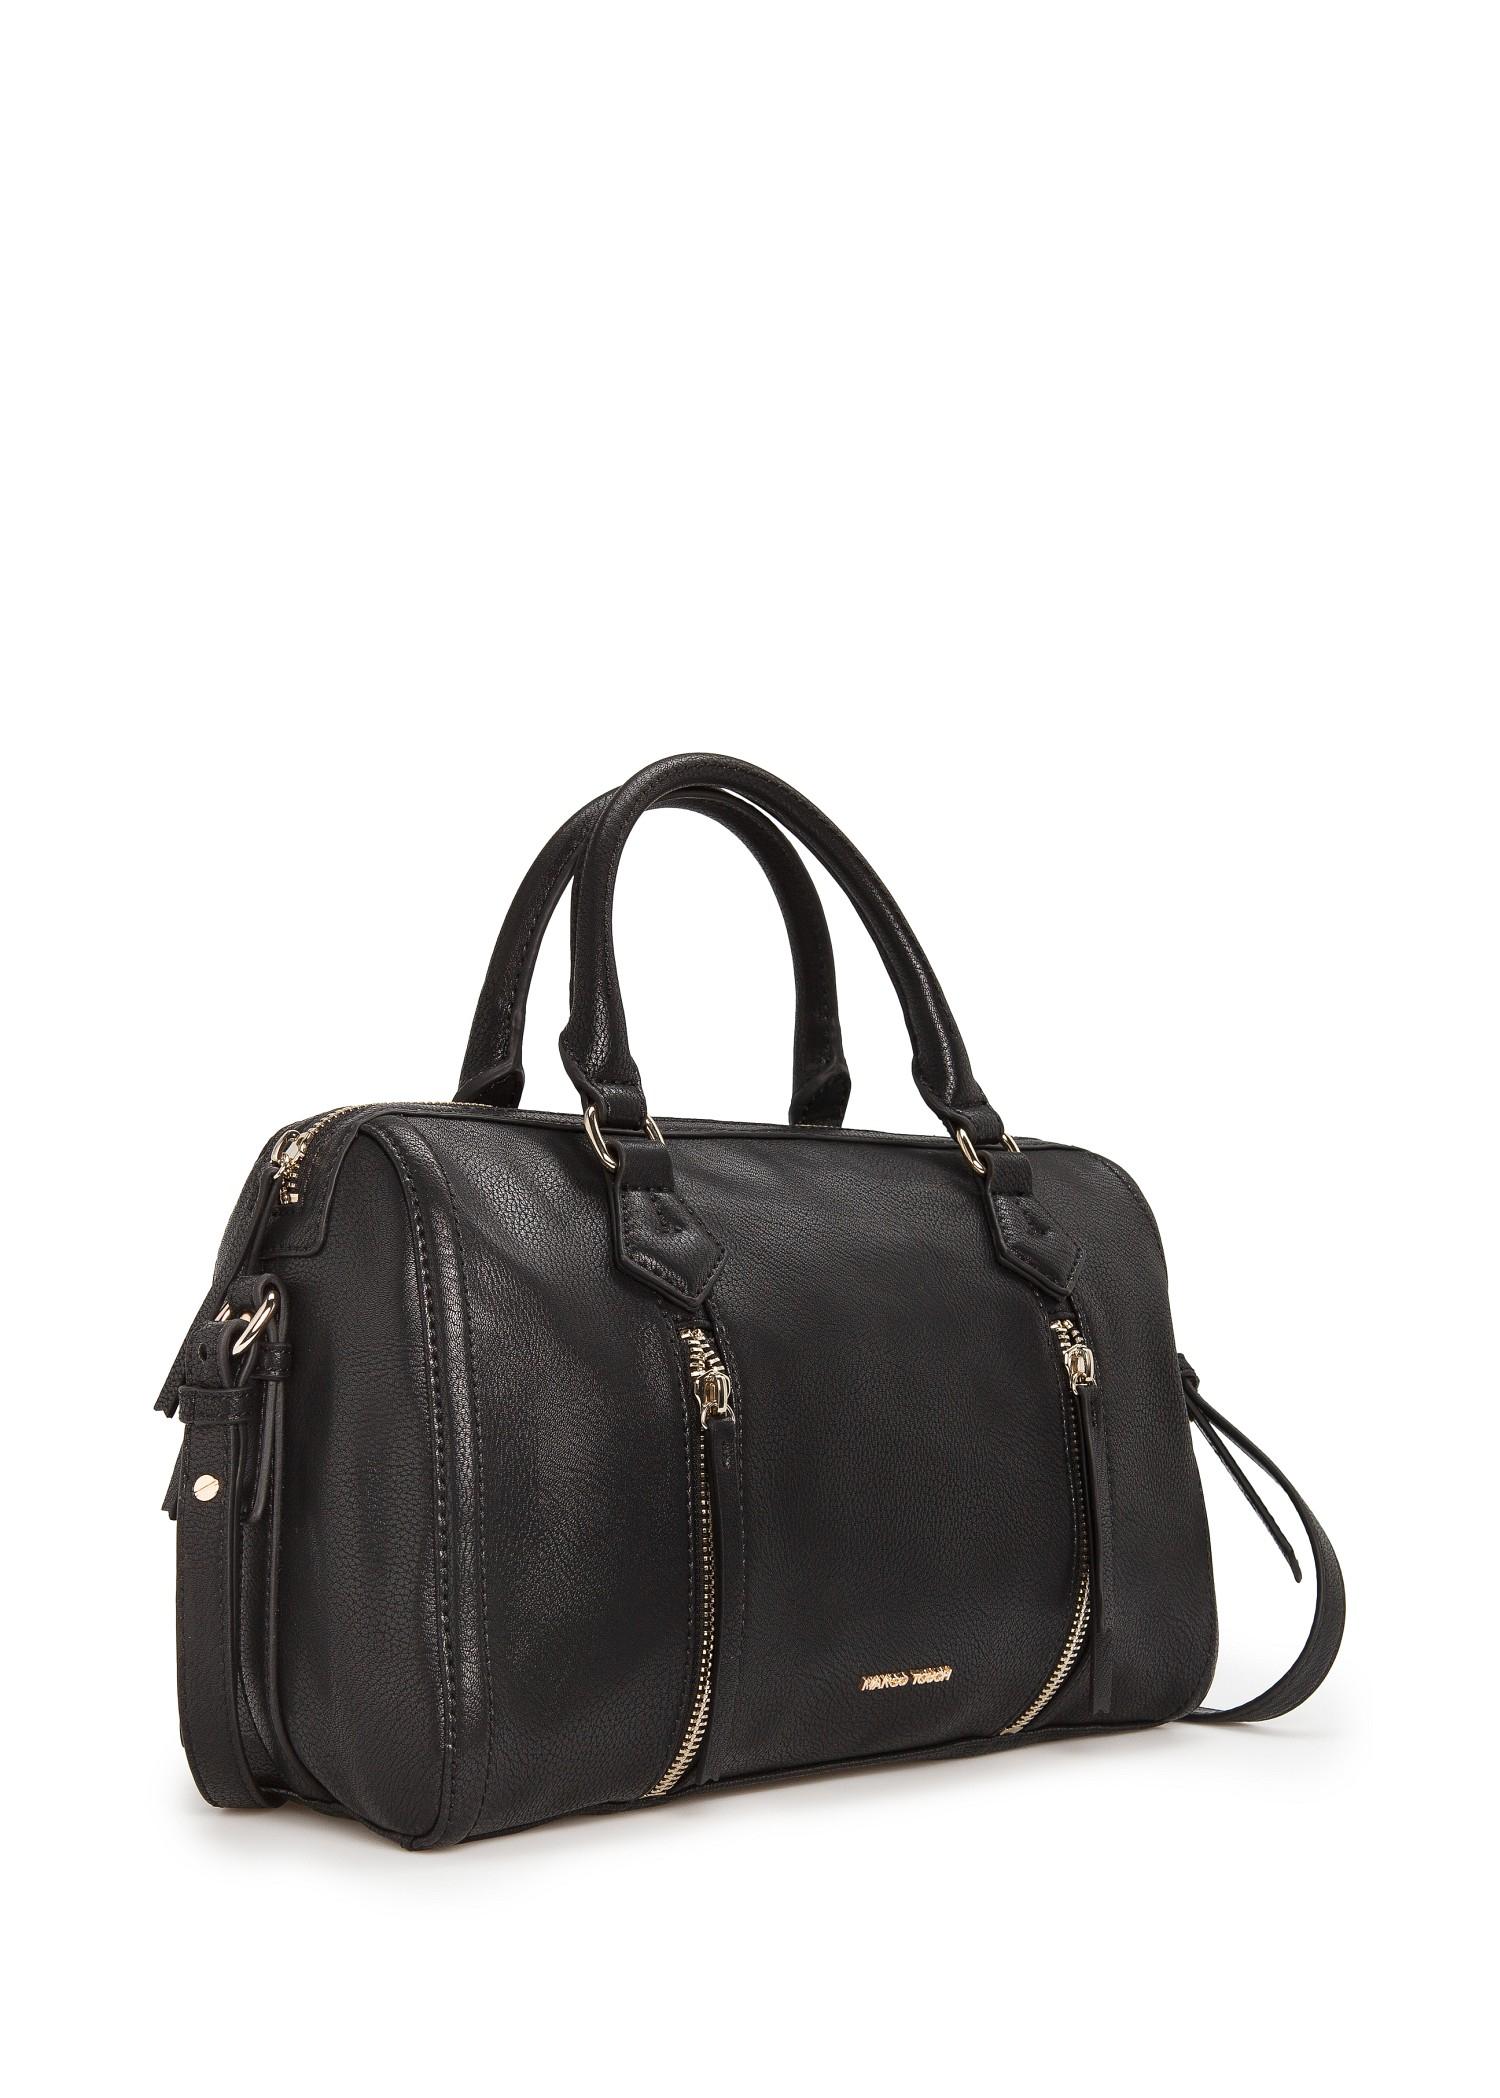 Mango Zip Tote Bag in Black | Lyst